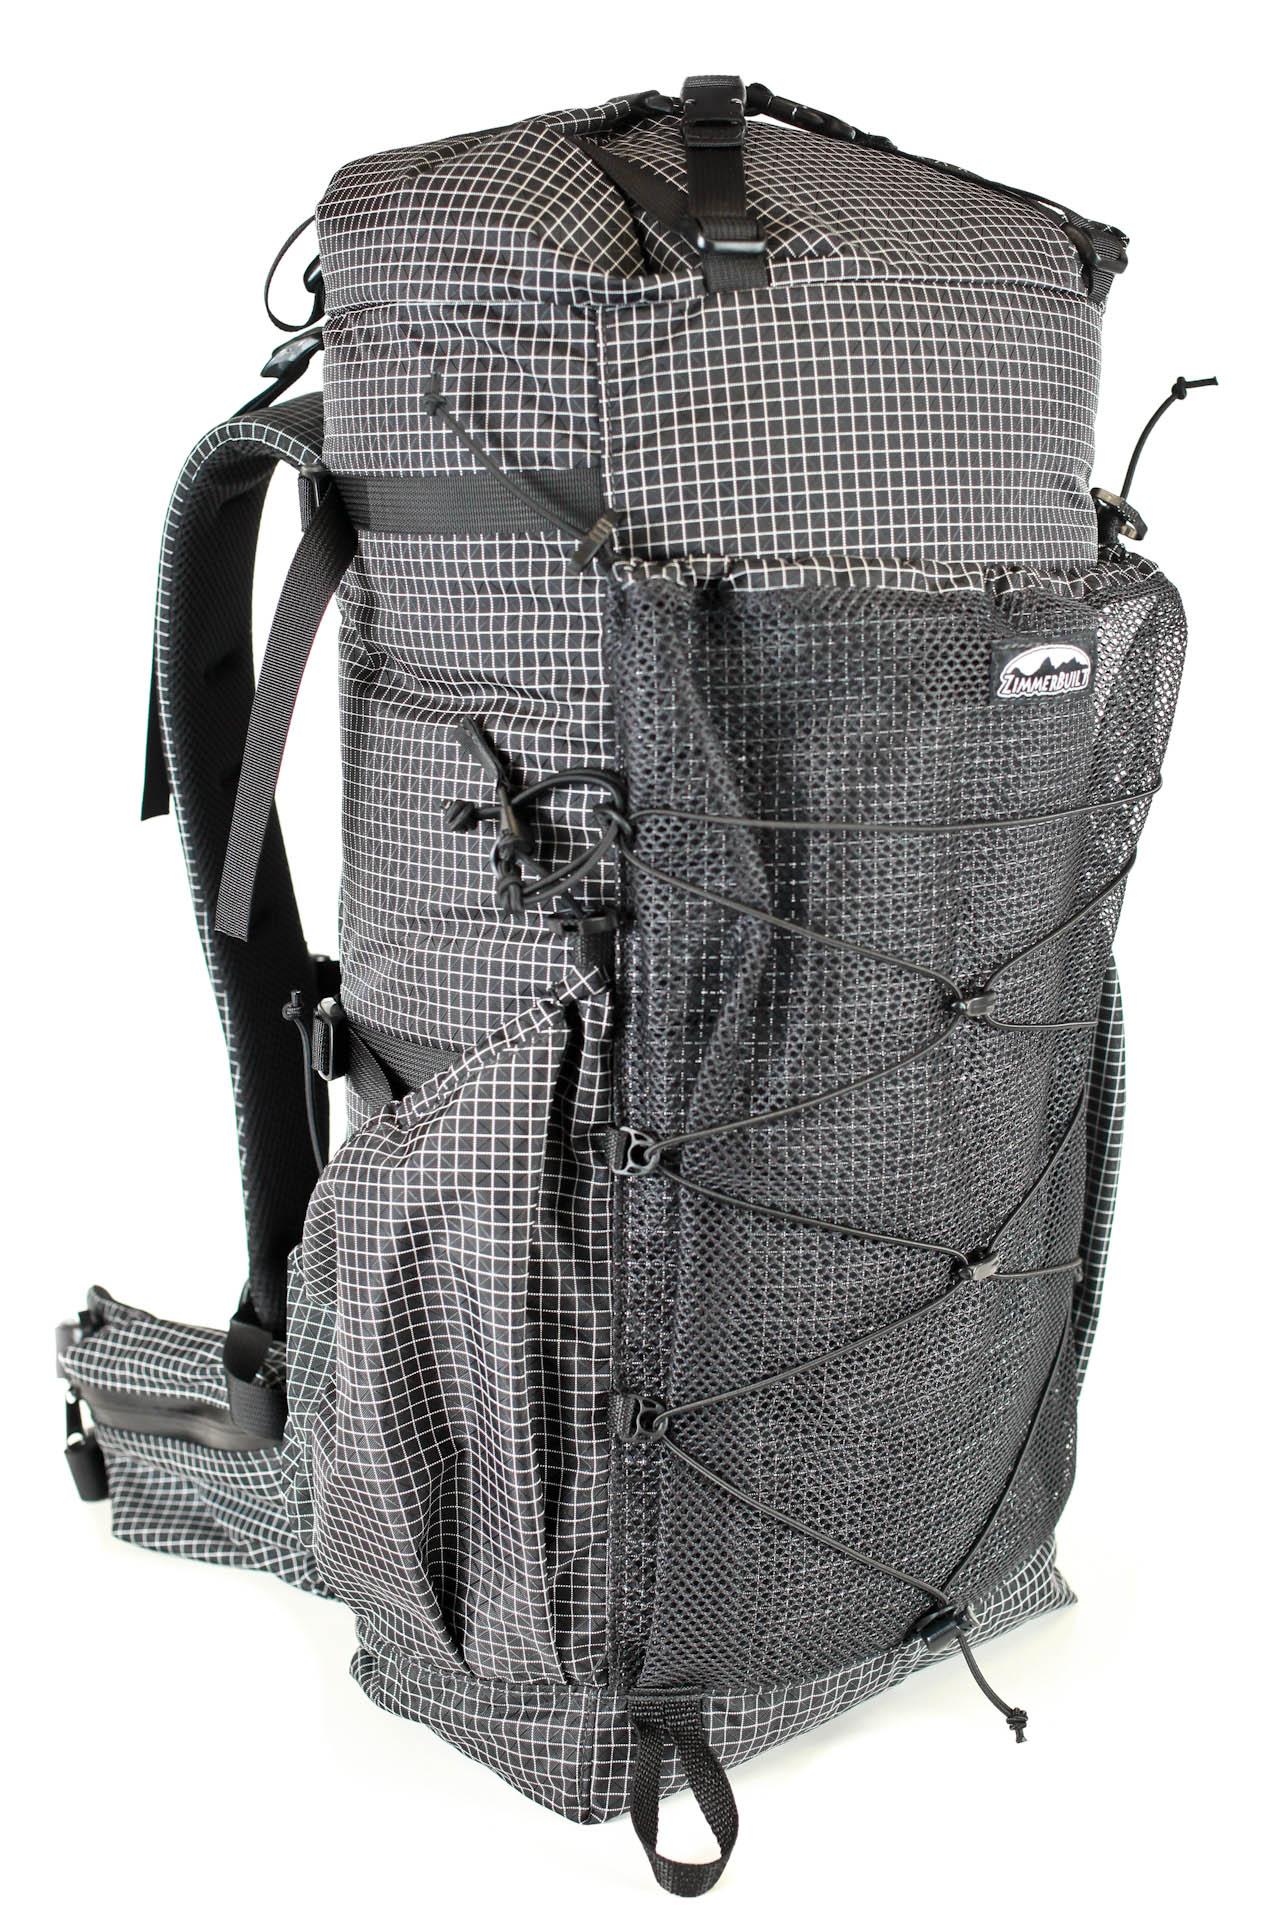 Zimmerbuilt custom ZB2 pack for my daughter